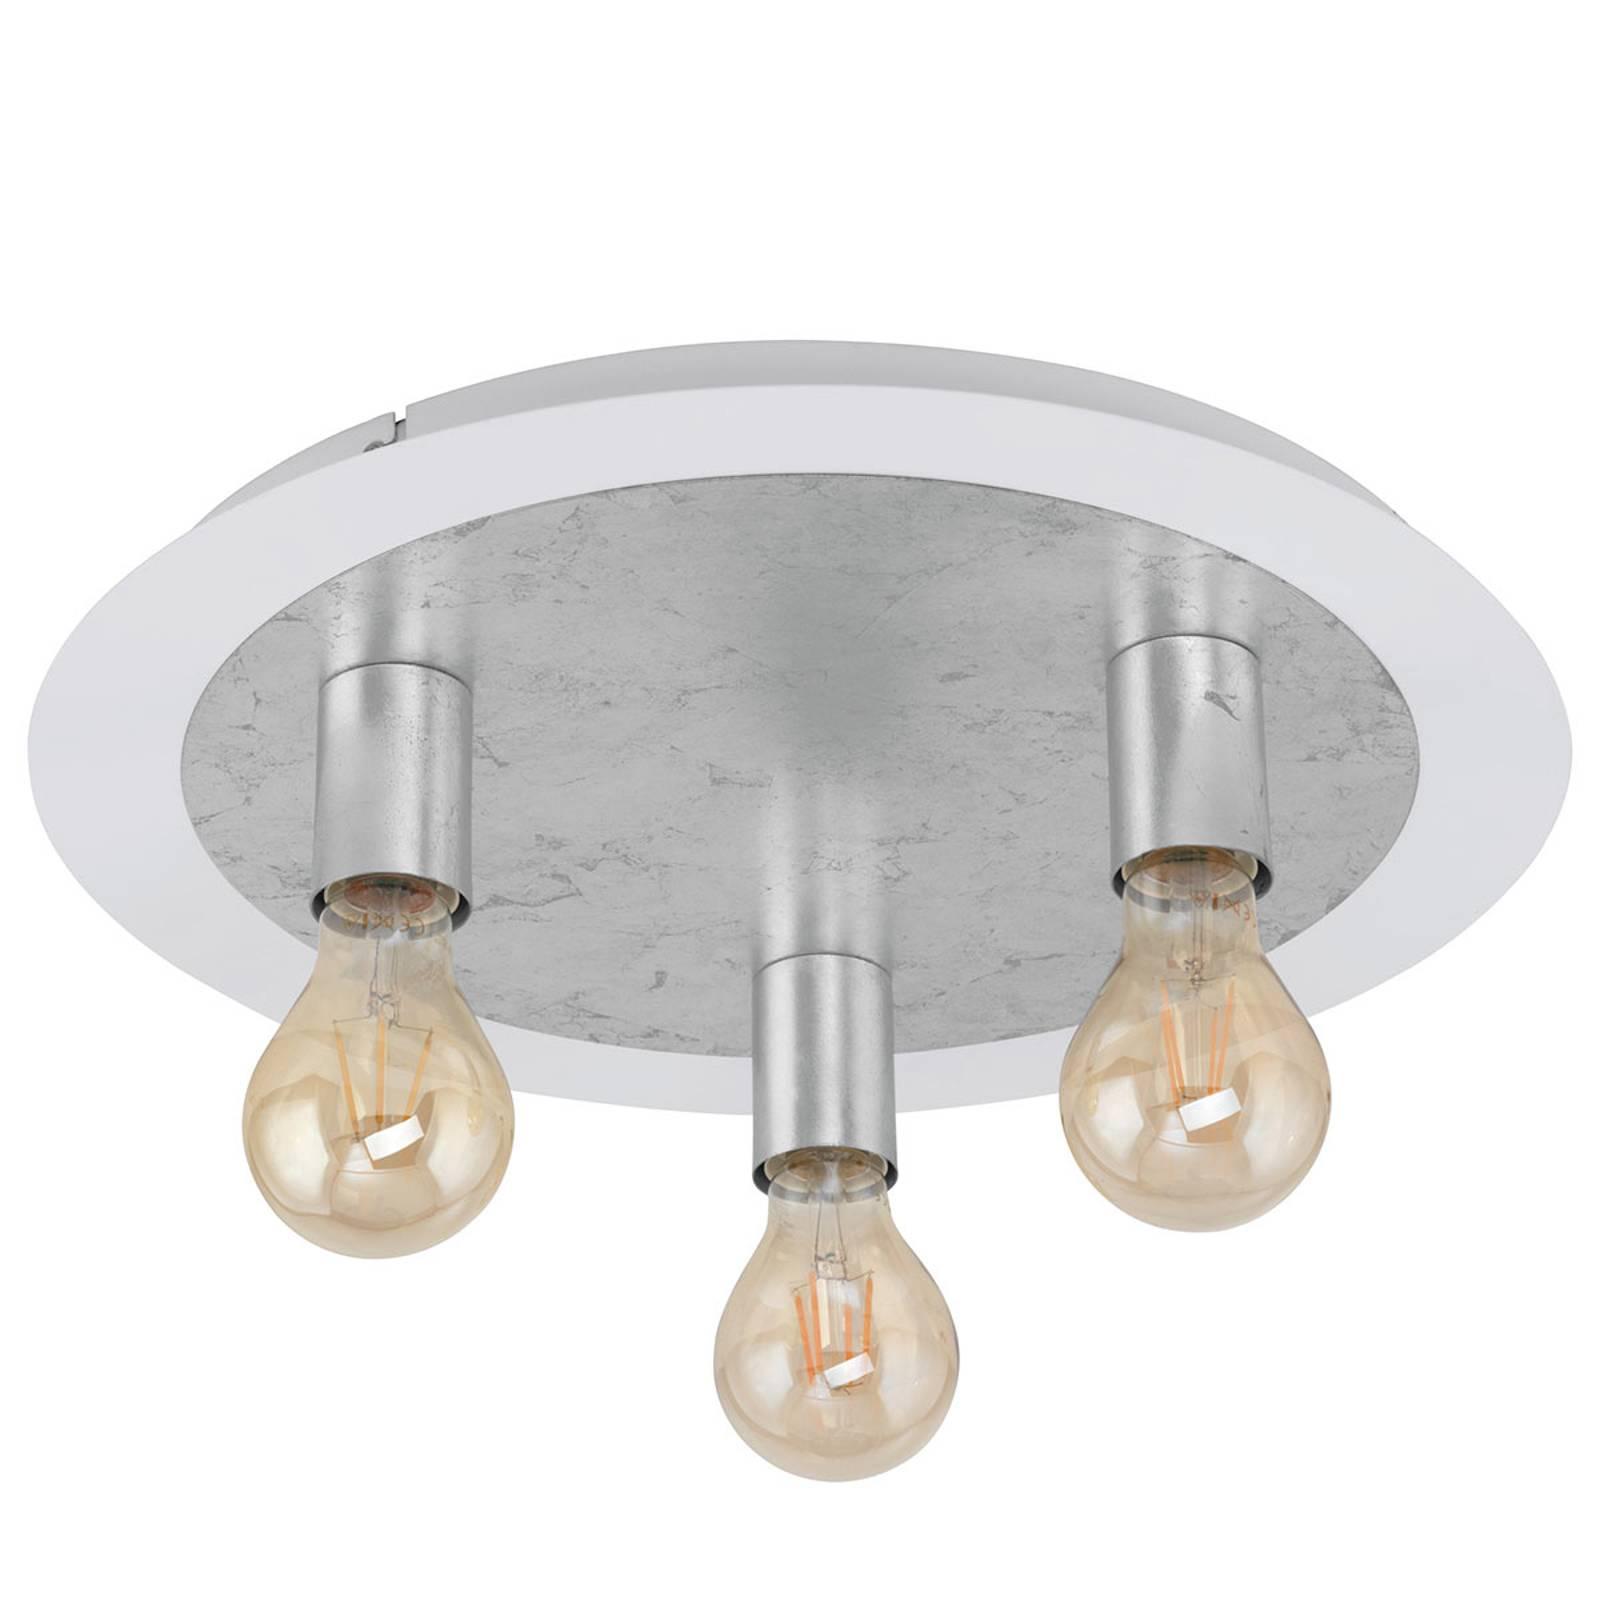 Kolmilamppuinen Passano 3-lamppuinen, hopea